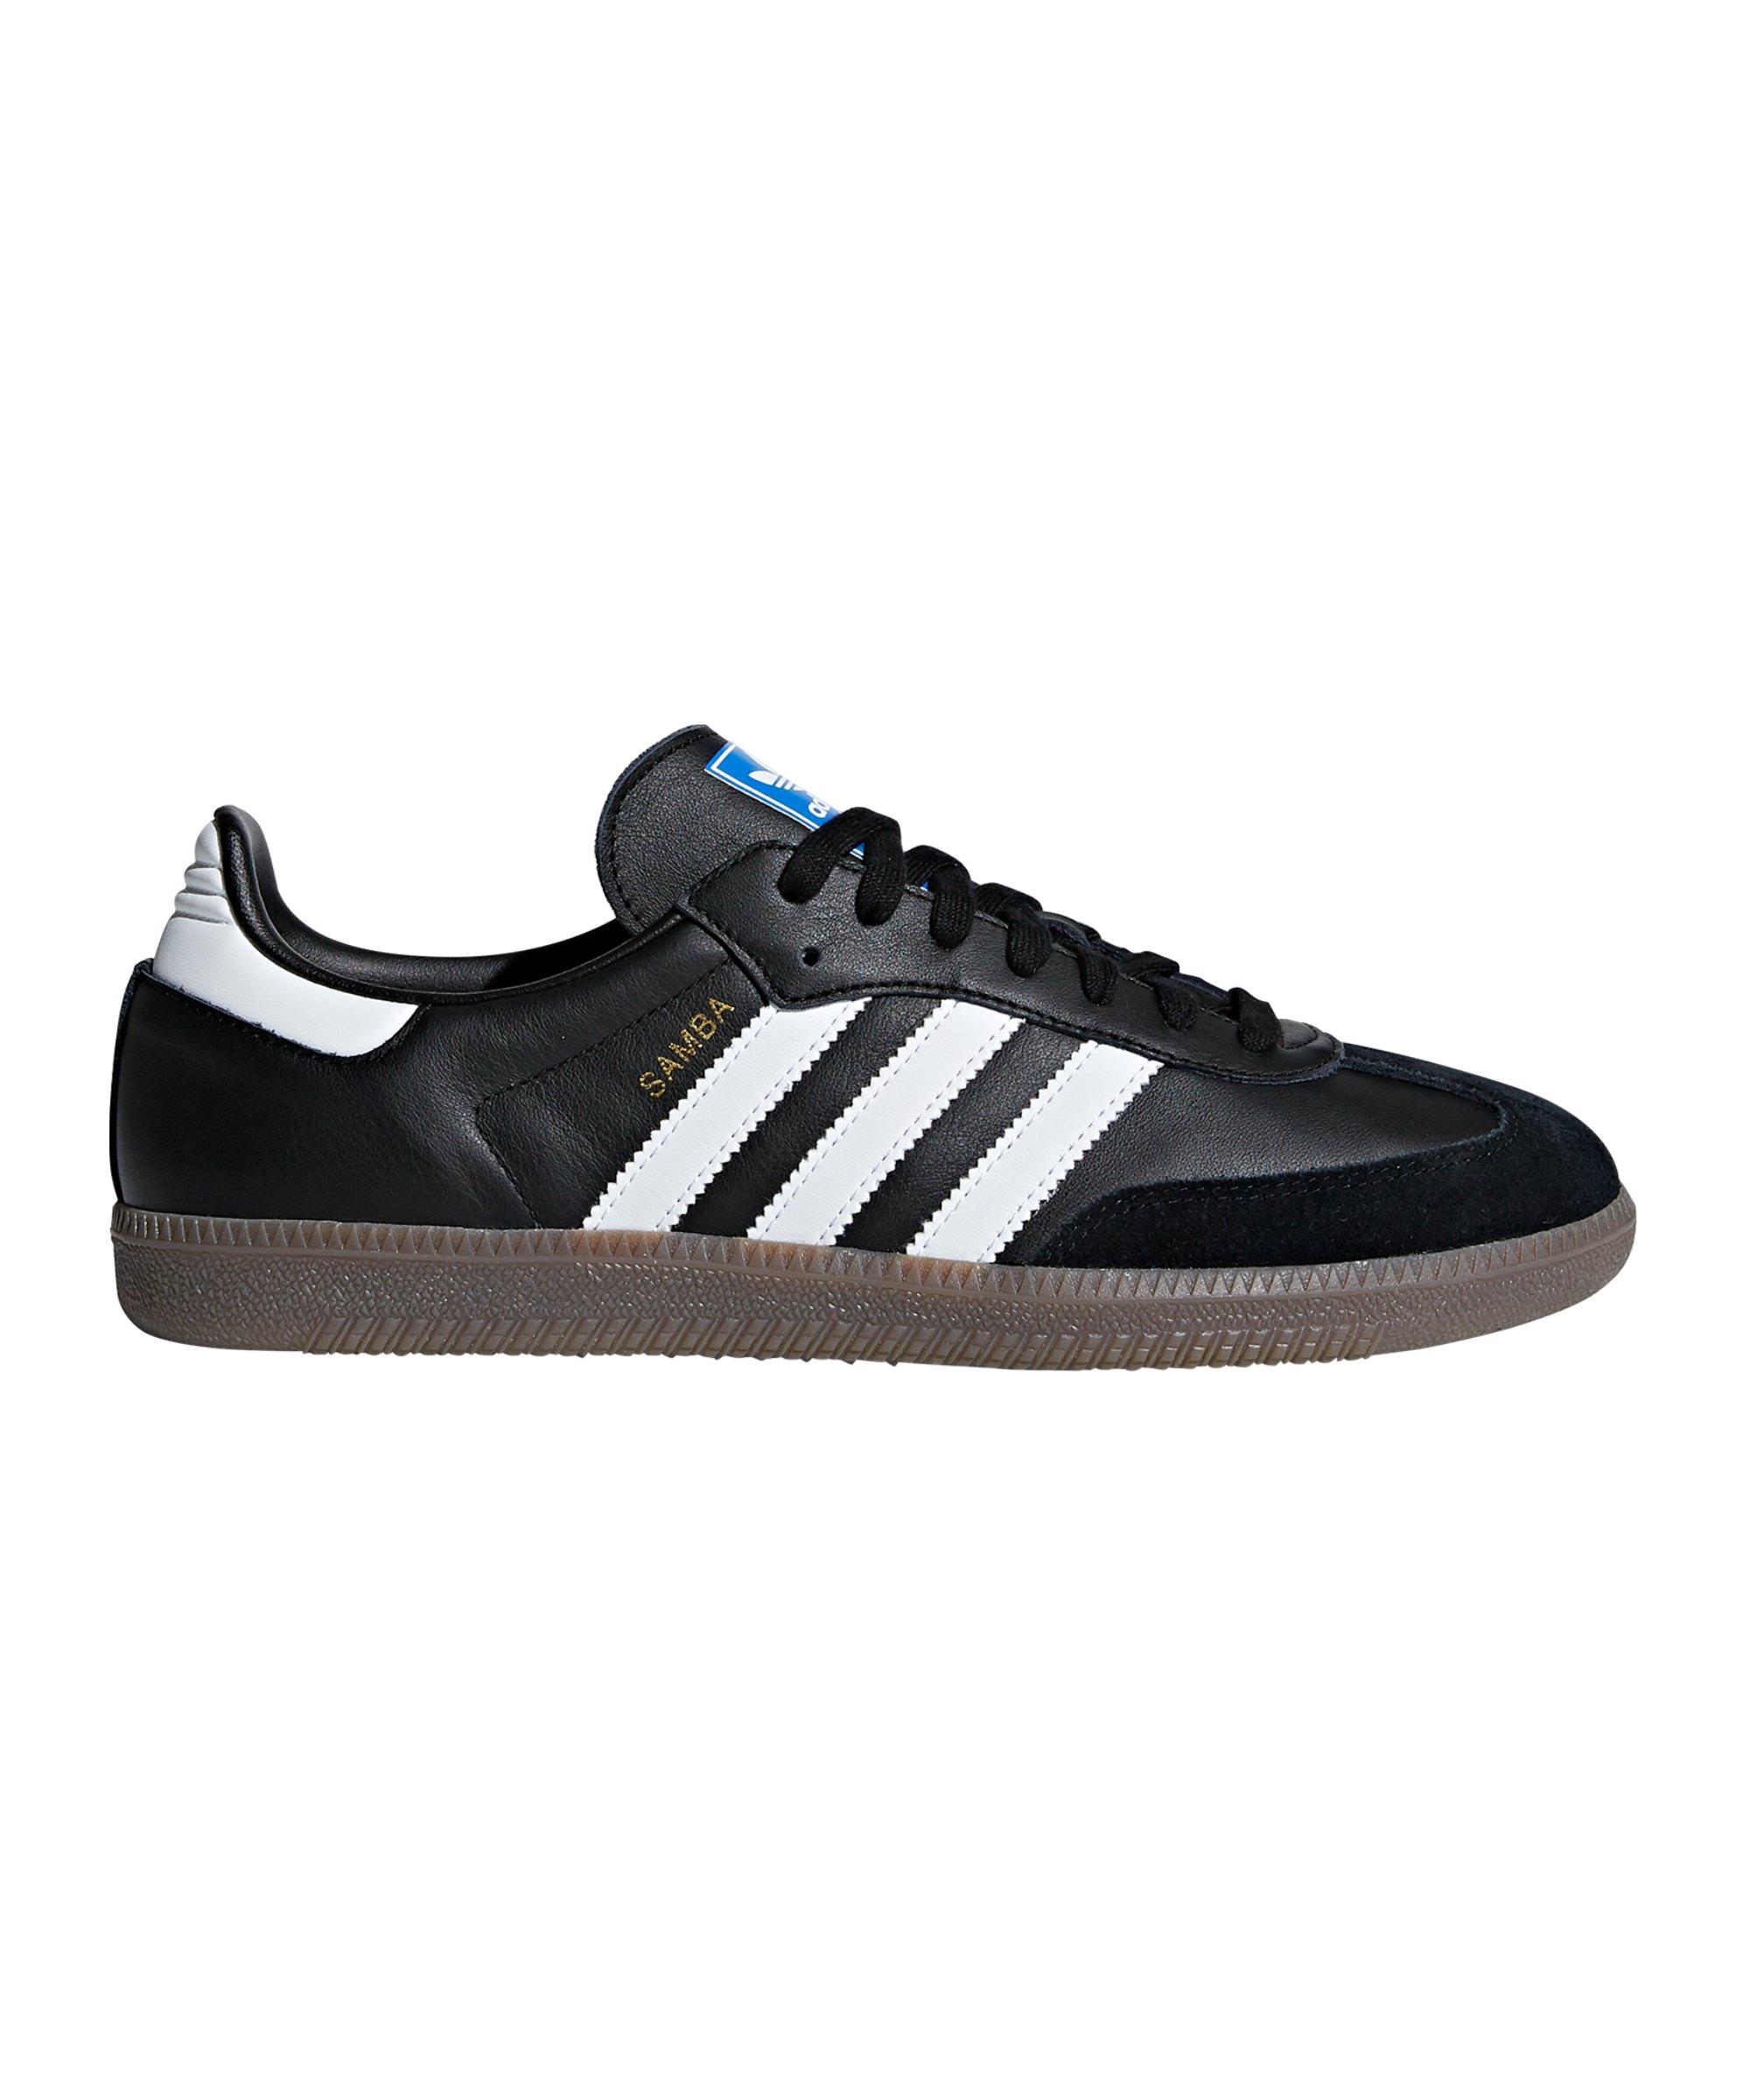 Details about adidas Originals Samba Sneaker schwarzweiß